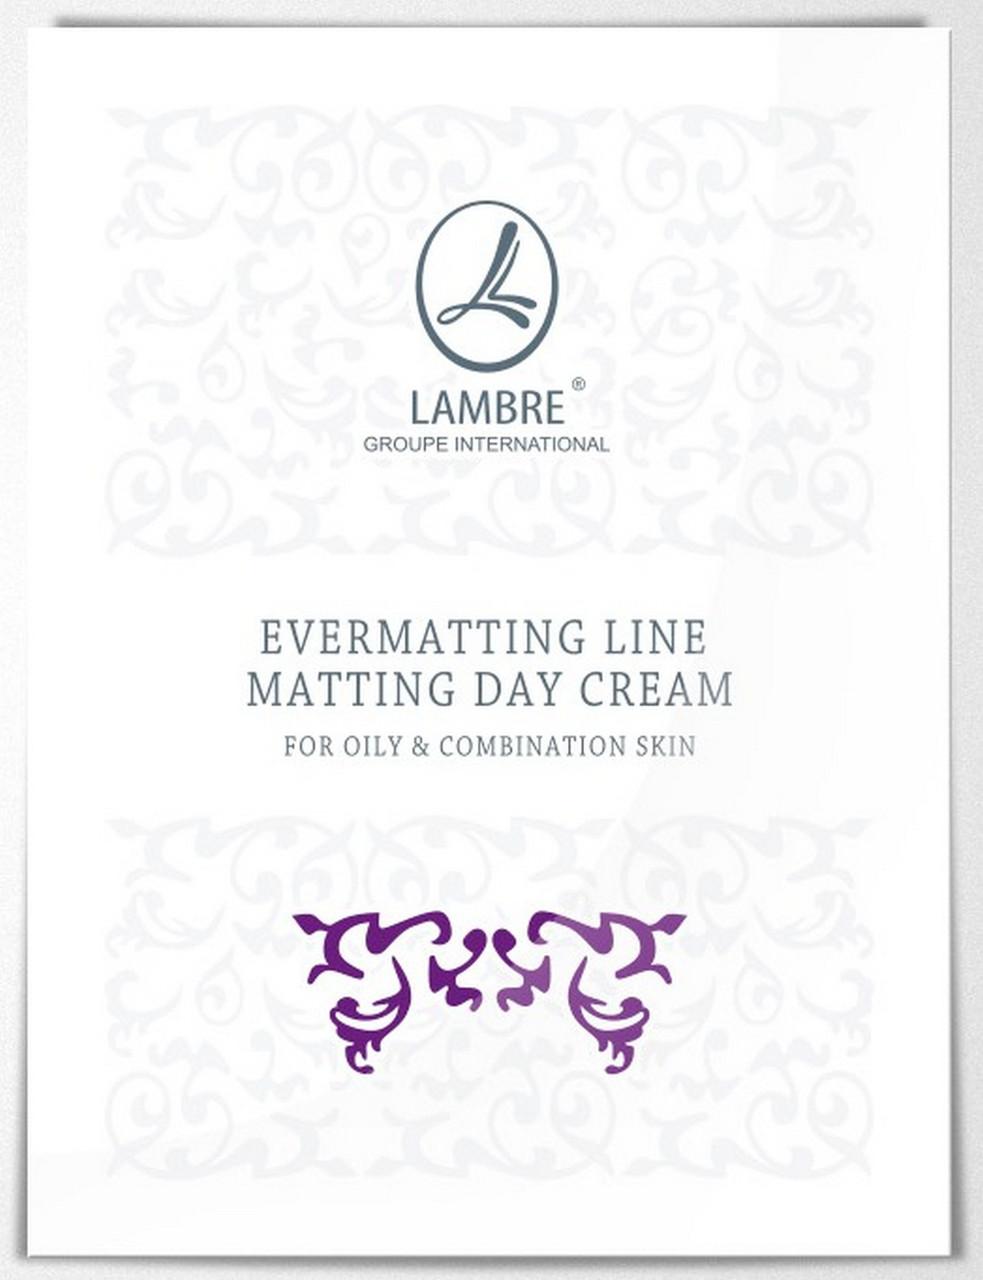 ТЕСТЕР Дневной матирующий крем для жирной и комбинированной кожи Evermatting Line 2мл